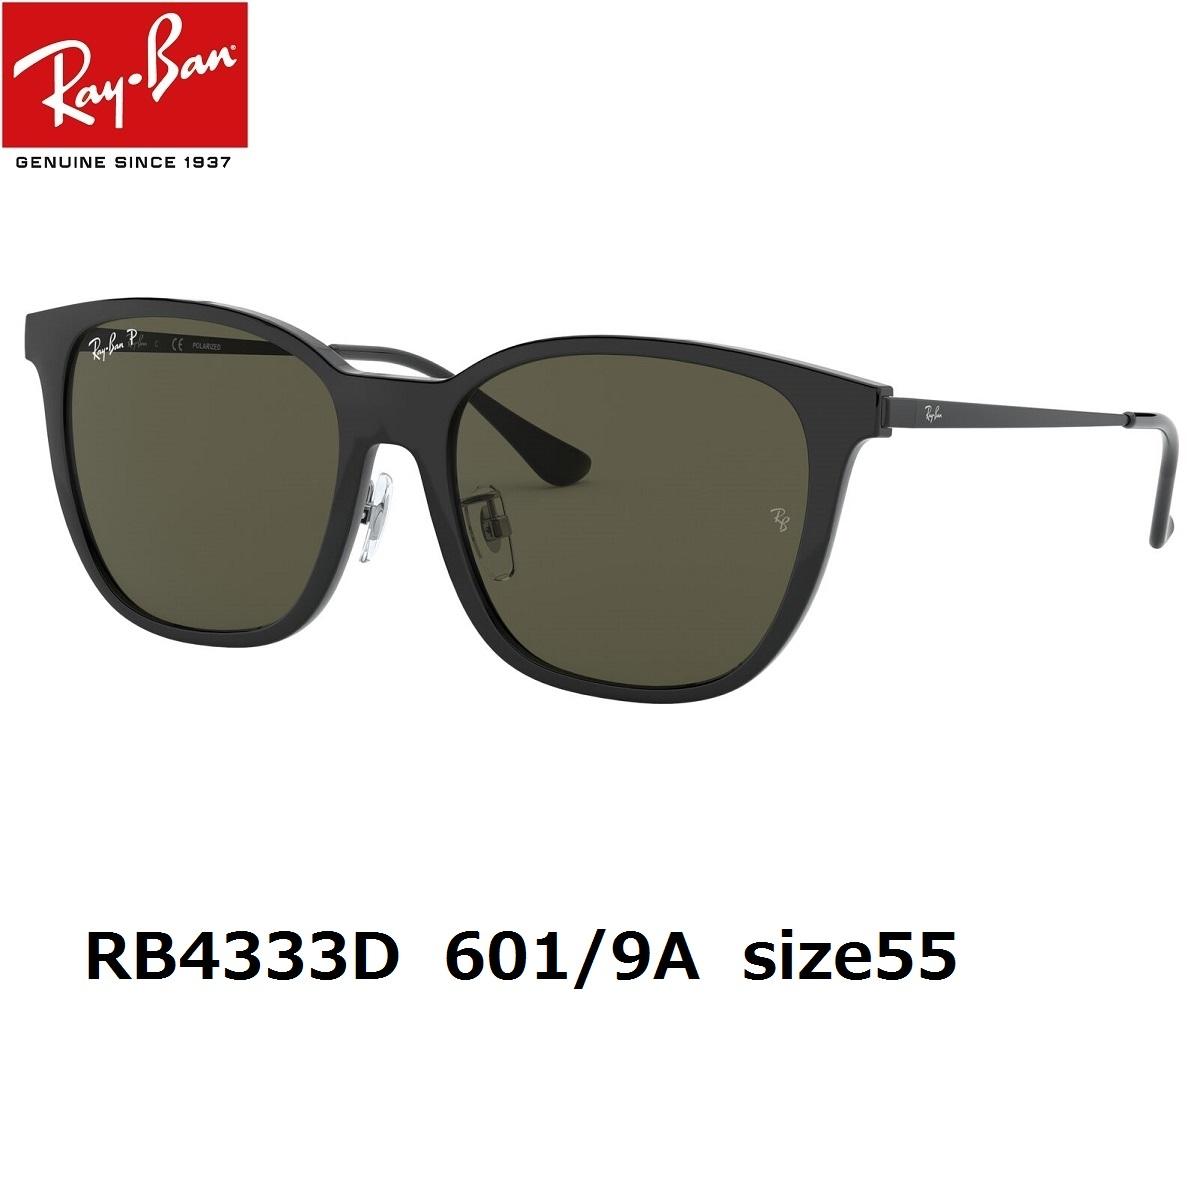 レイバン サングラス Ray-Ban RB4333D 601/9A(55サイズ) メーカー保証書付